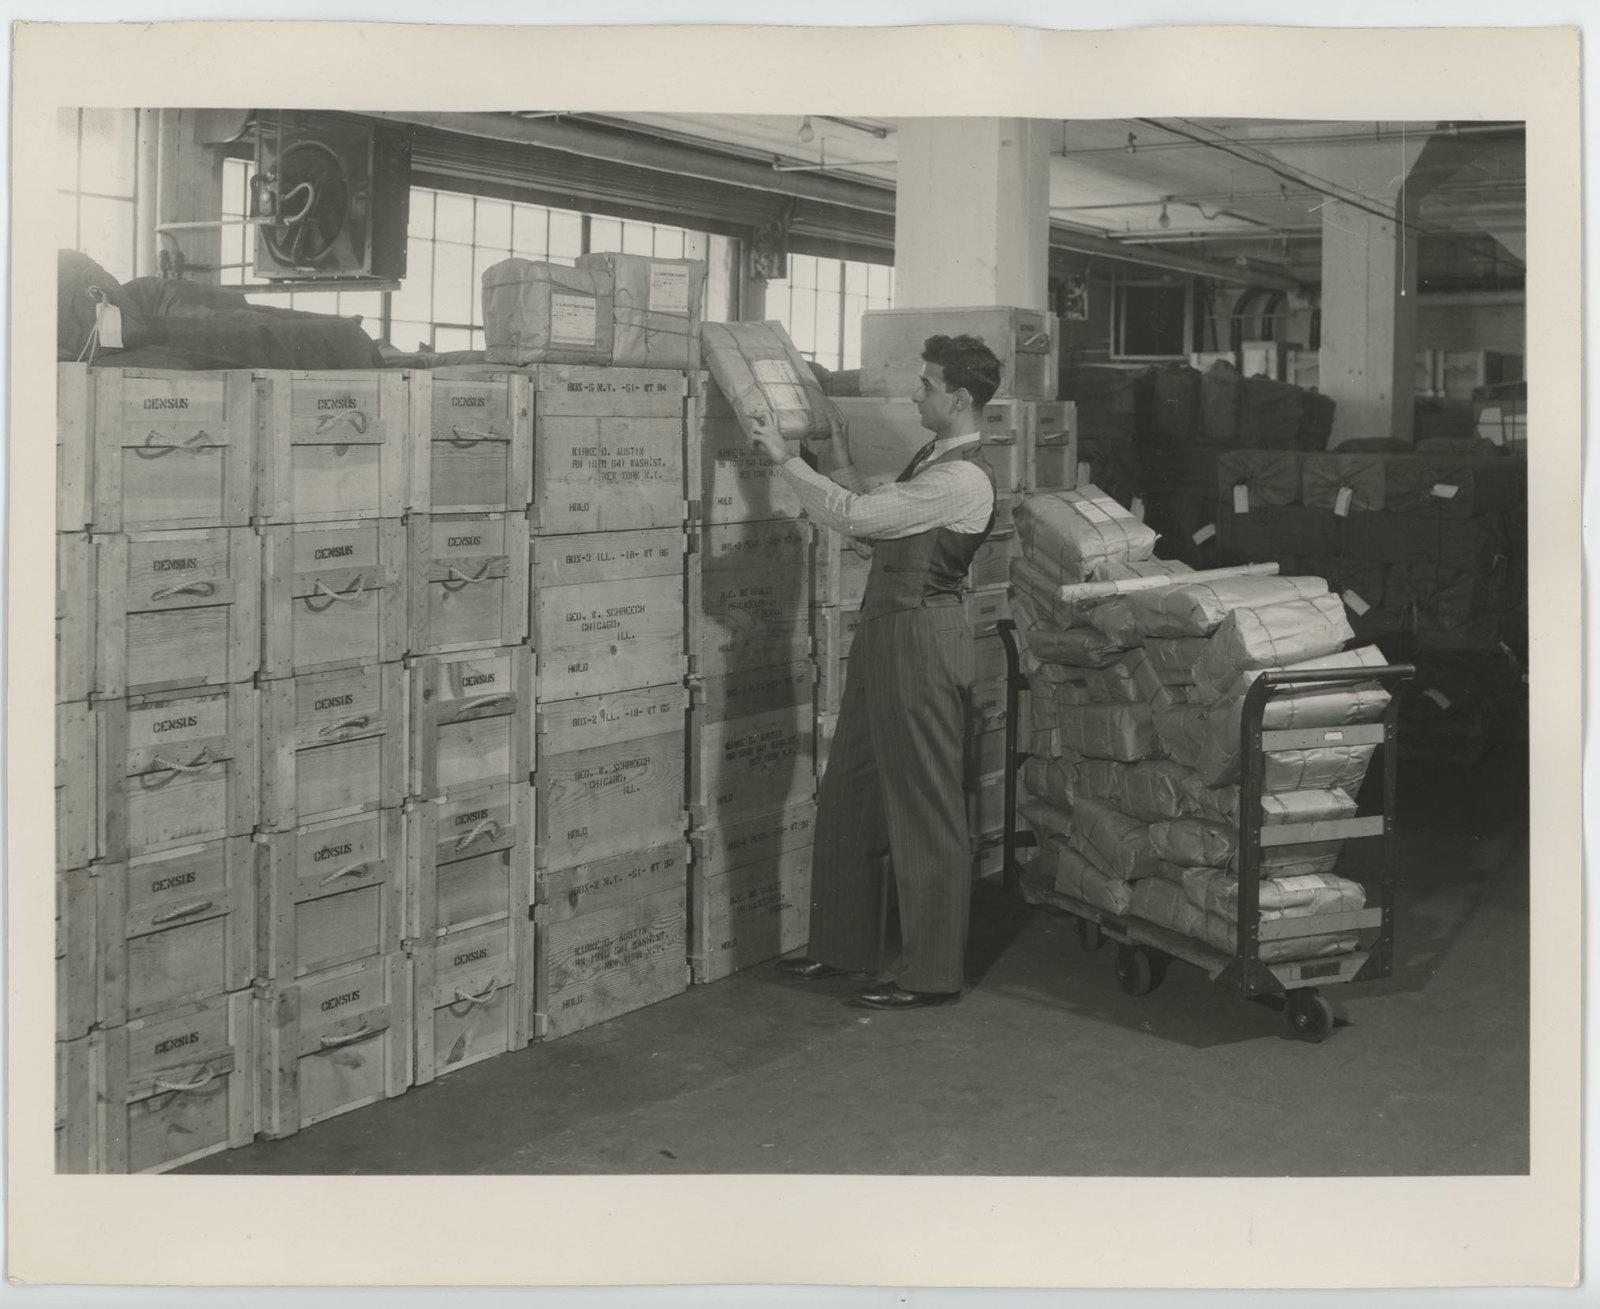 1940 Census publicity photo.